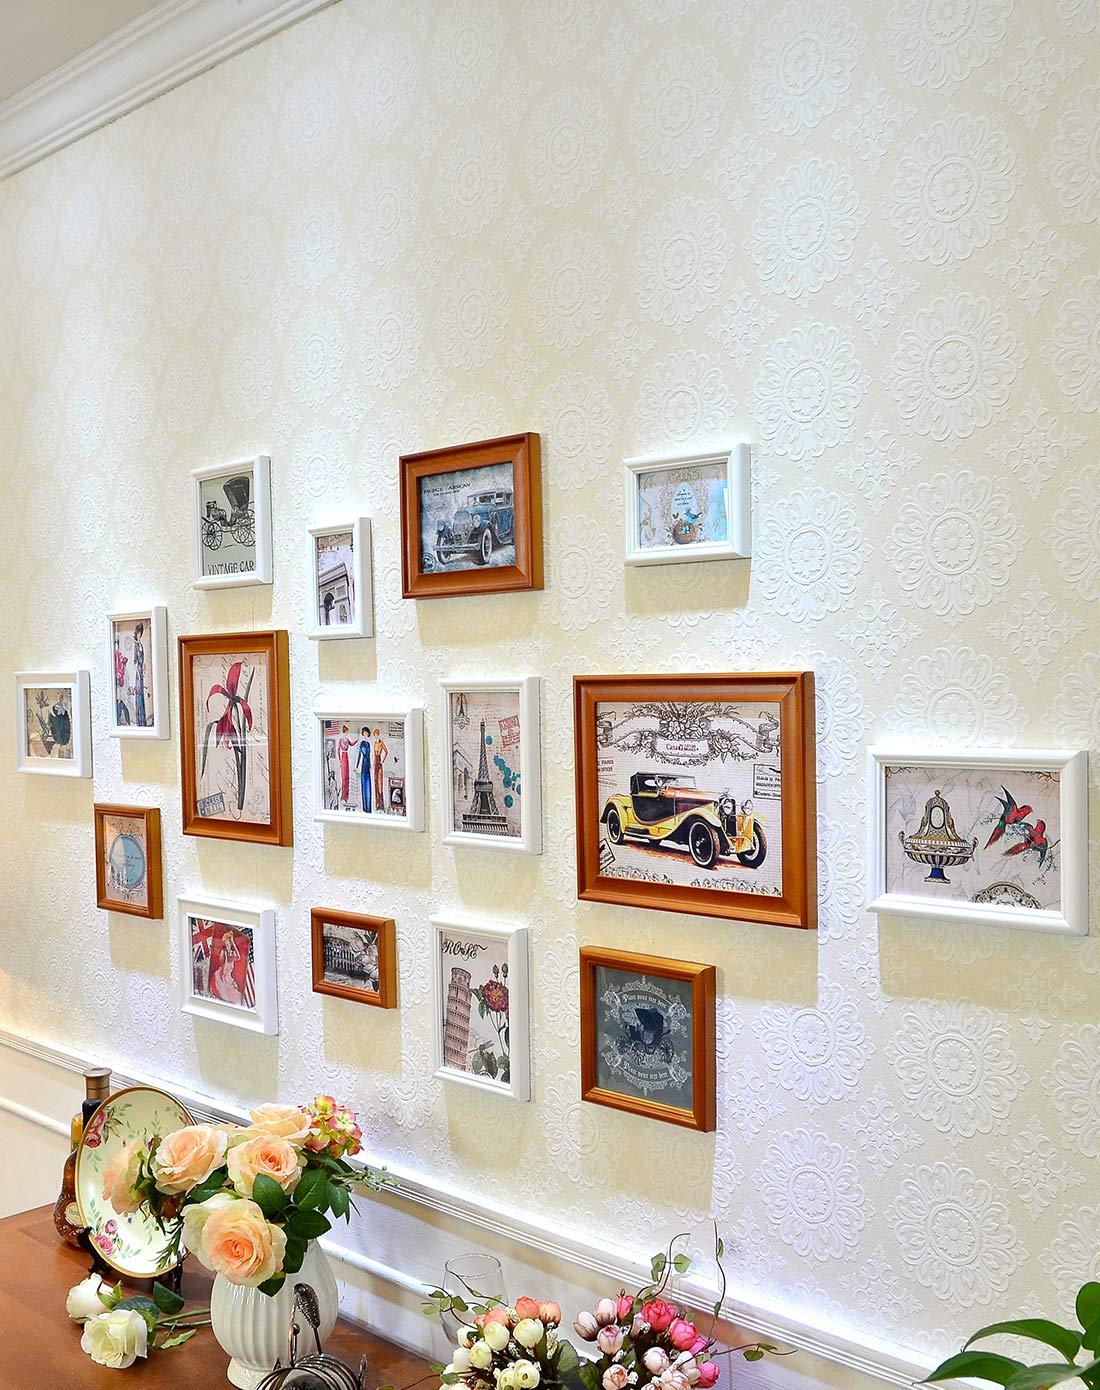 16框简约欧式小墙面照片墙